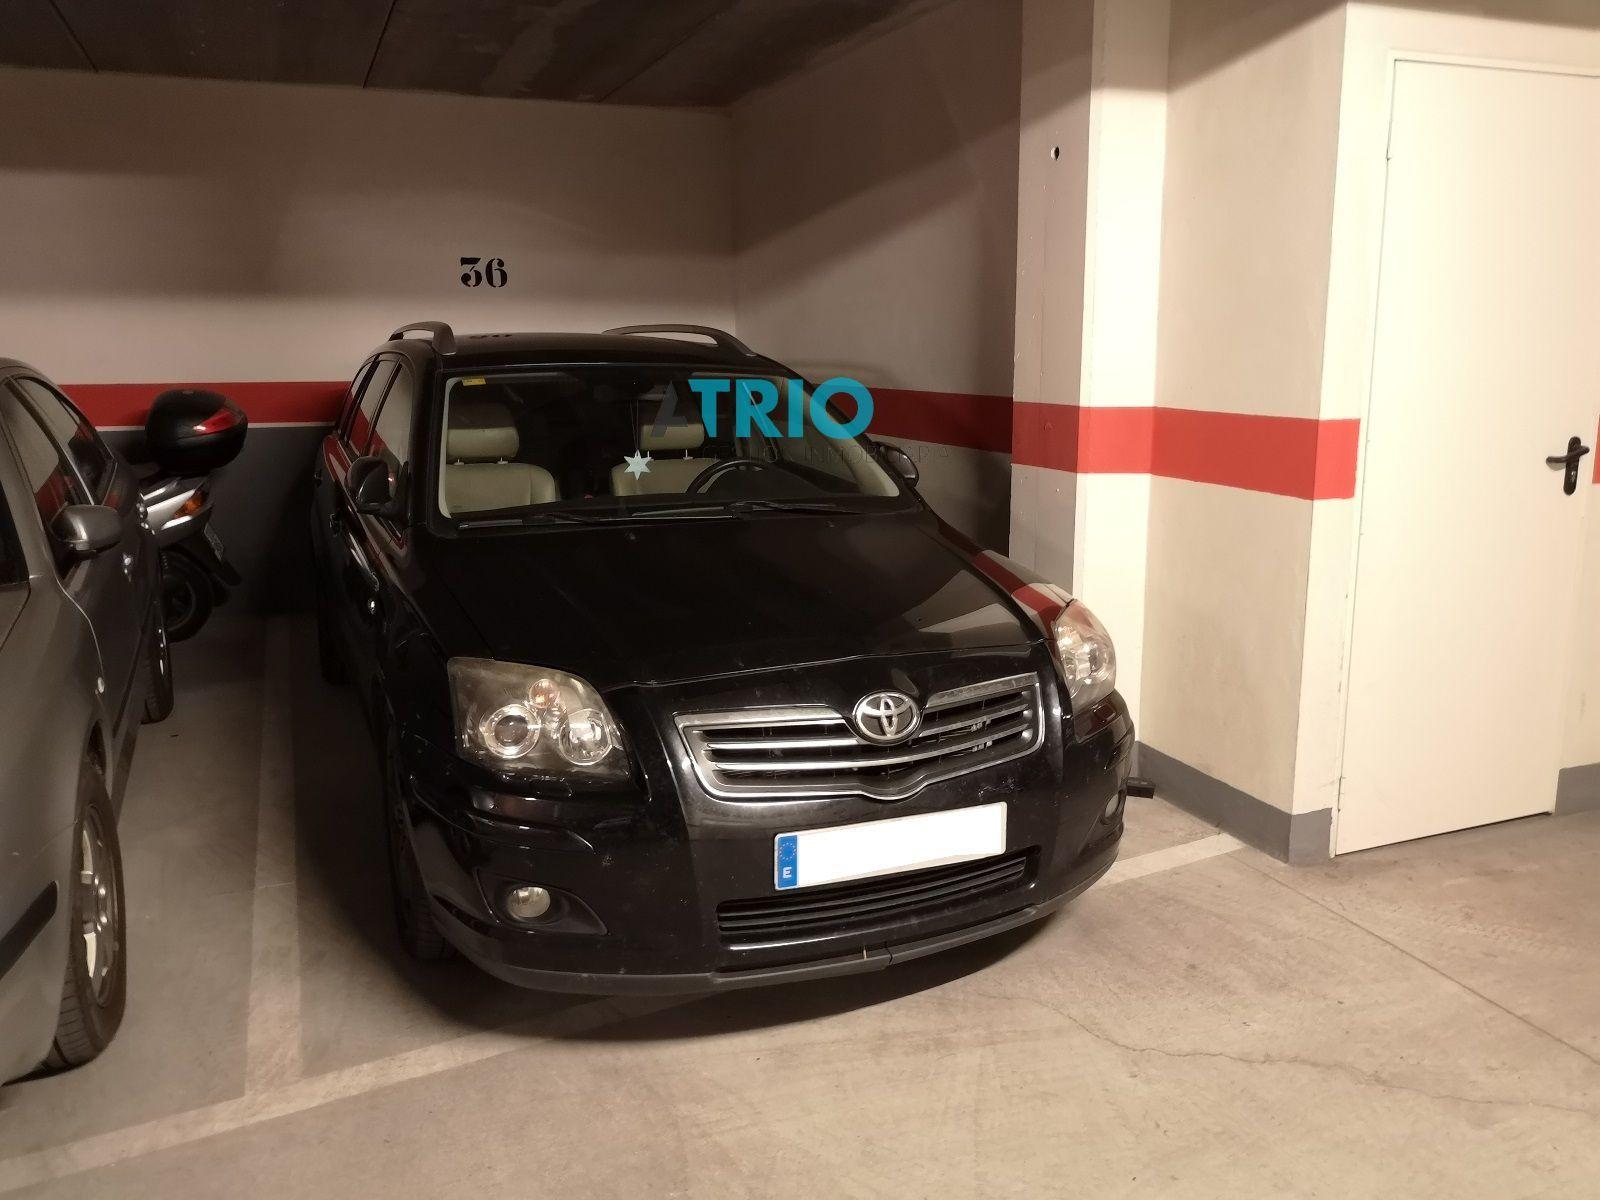 dia.mobiliagestion.es/Portals/inmoatrio/Images/6524/4287252